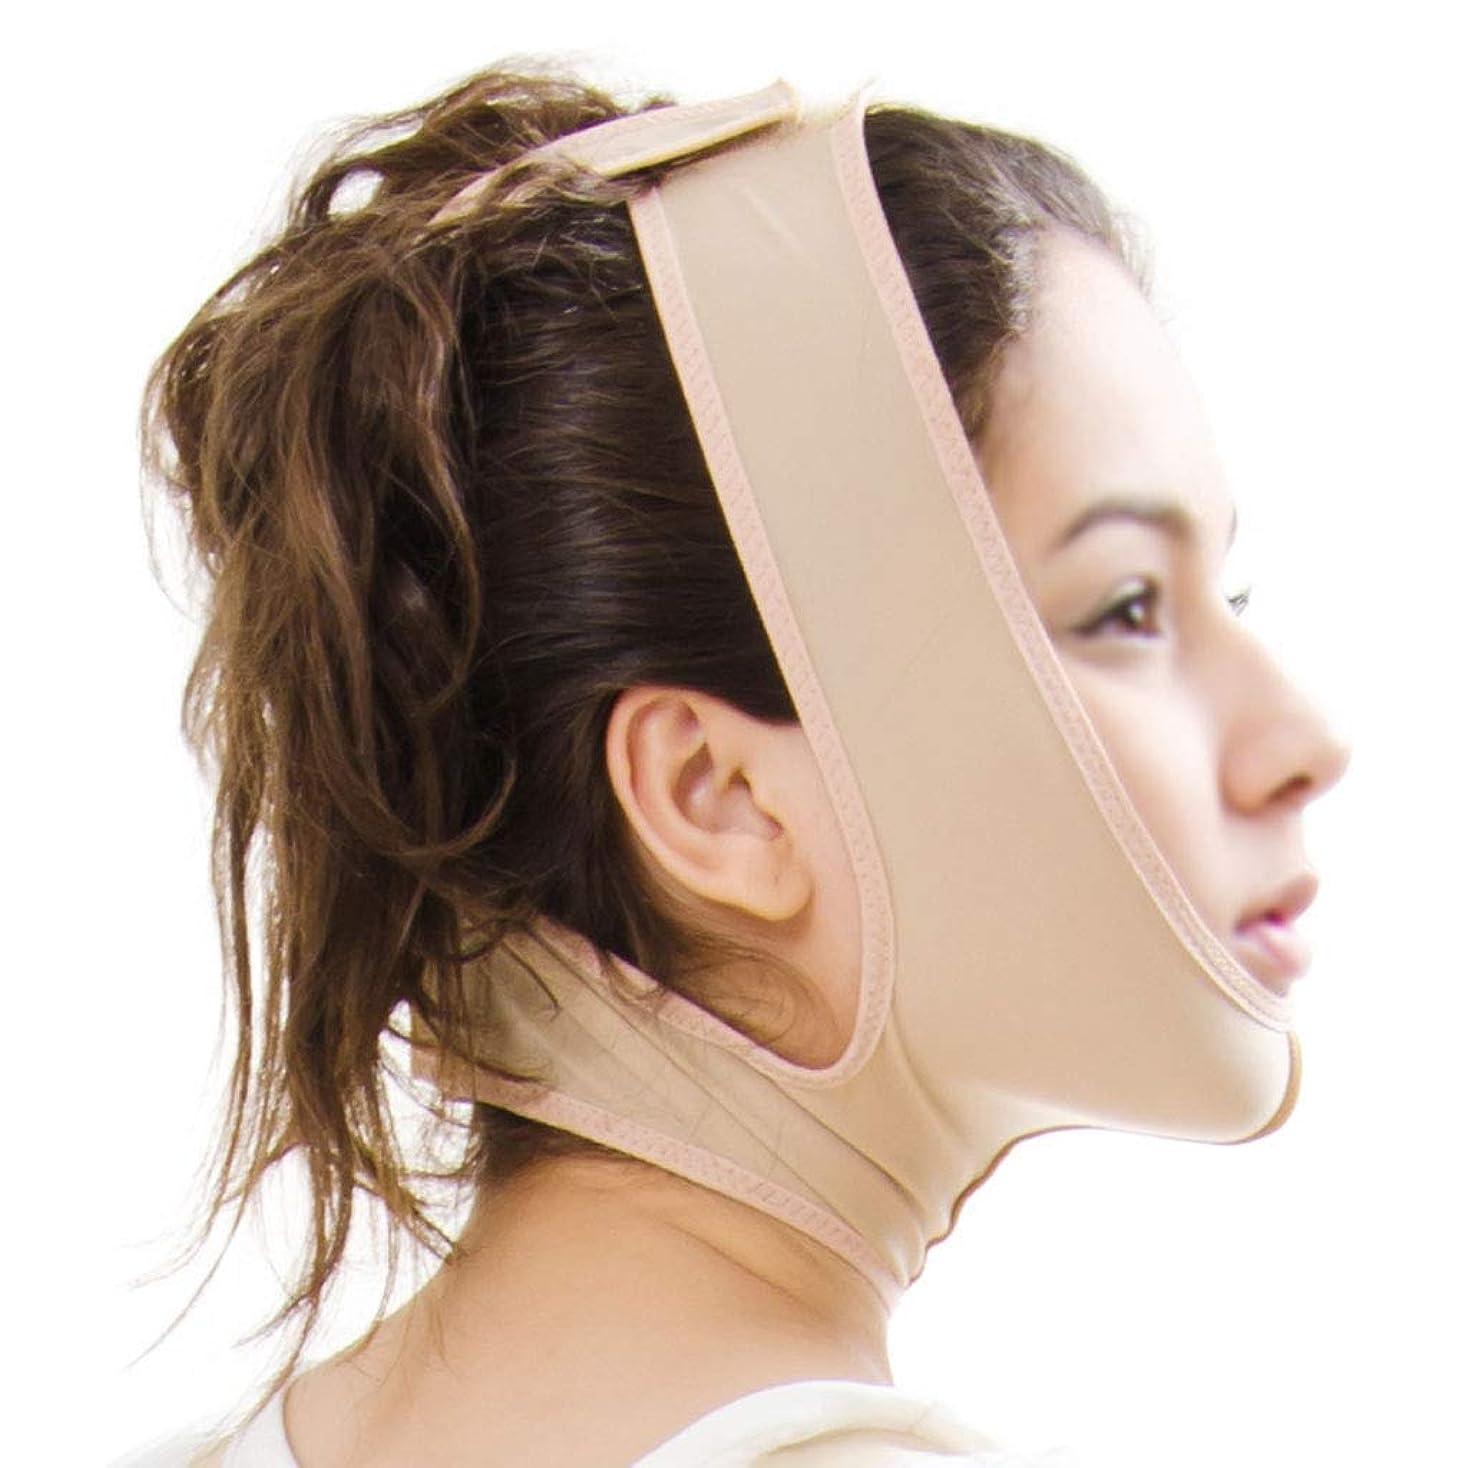 革命的誕生日ビートフェイシャルスリミングリフティングチンベルトマスク アンチダブルチンリンクルストラップ 減量包帯 調整可能なフェイススキンケアリフティングラップ 女性のための